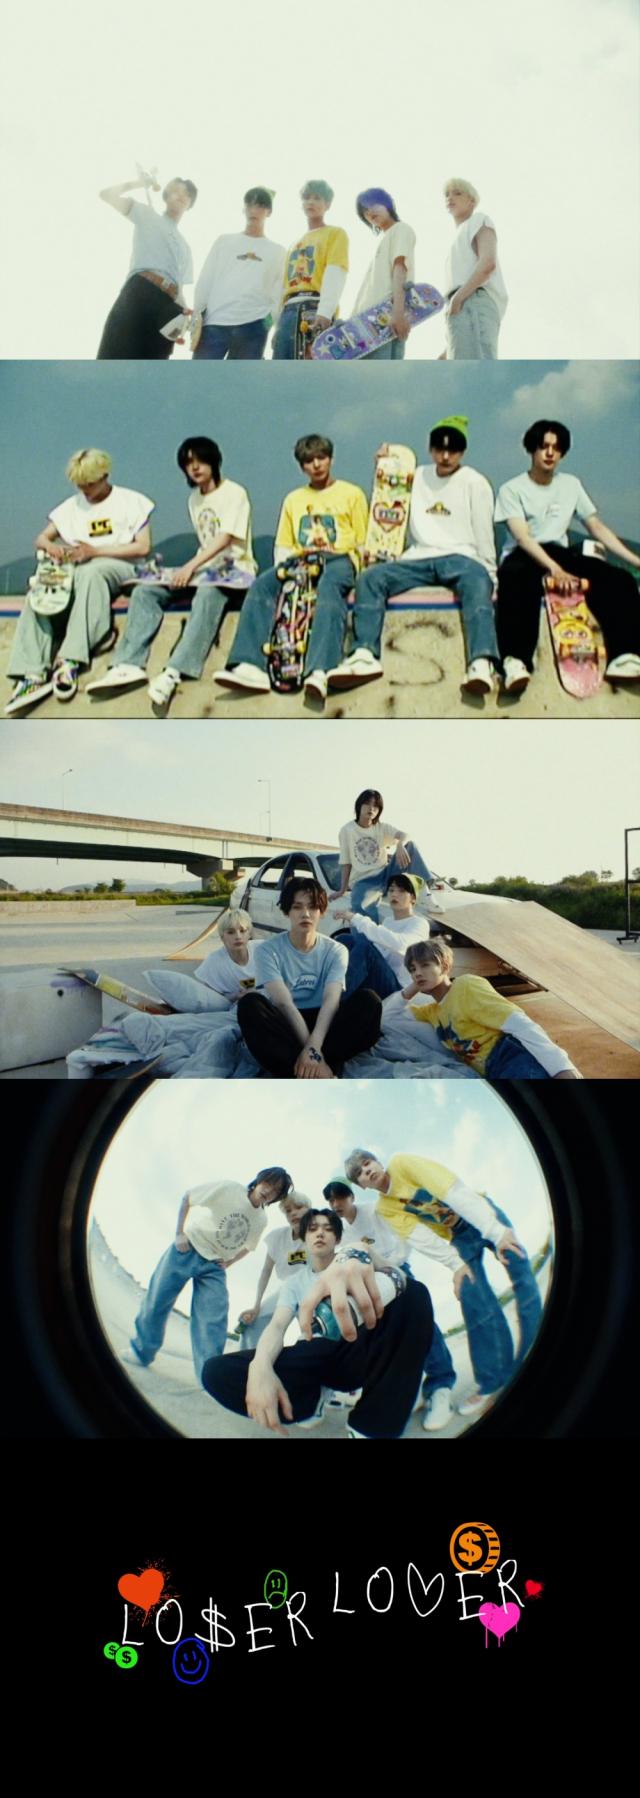 투모로우바이투게더 신보 'FIGHT' 버전 콘셉트 필름 공개